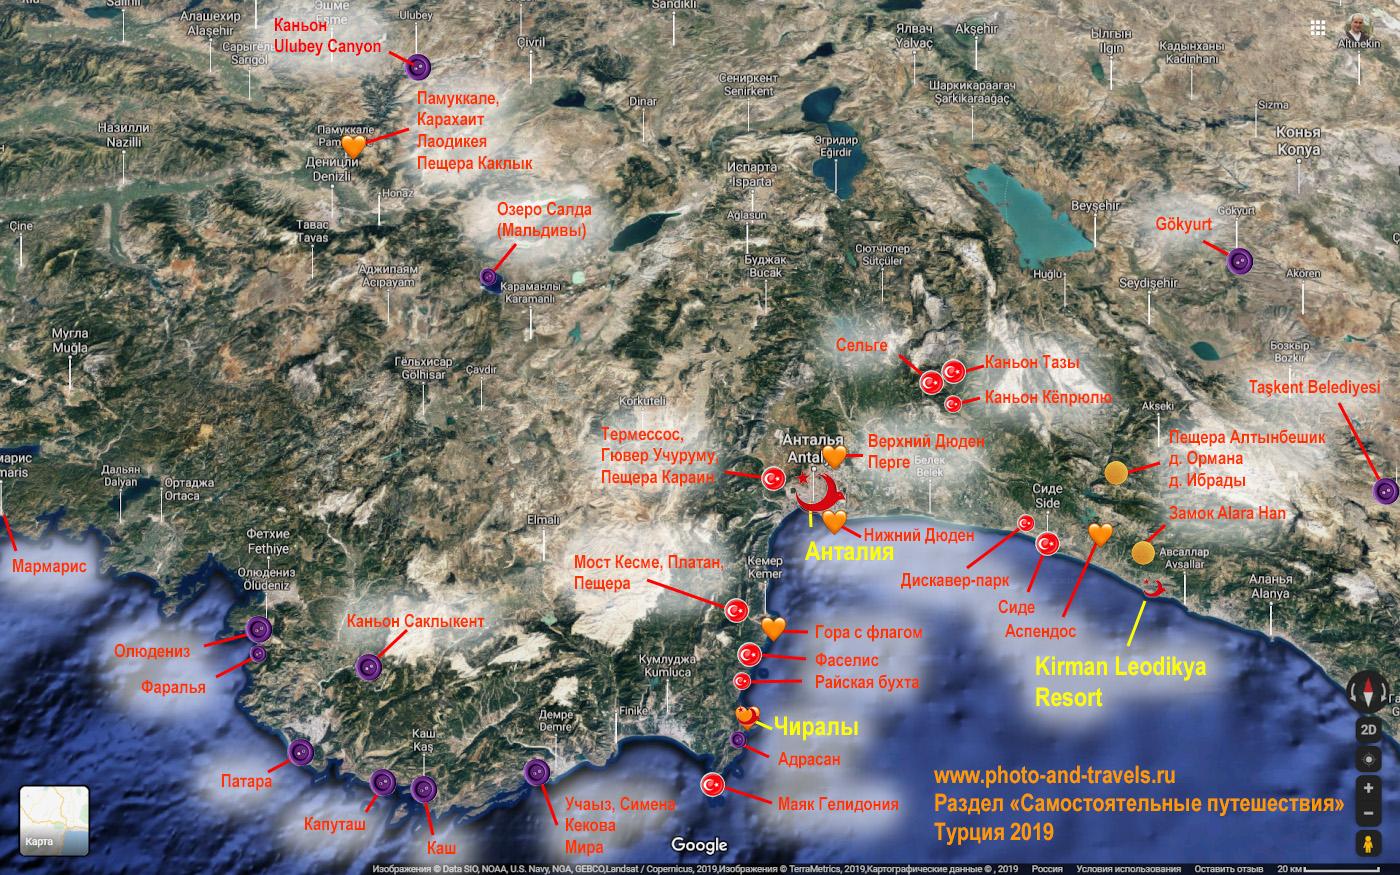 3. Карта расположения интересных мест в окрестностях Кемера, Чиралы, Анталии, Манавгата, Сиде и Алании. Какой курорт выбрать, чтобы было недалеко от достопримечательностей, что можно посетить, отдыхая в Турции с маленькими детьми?